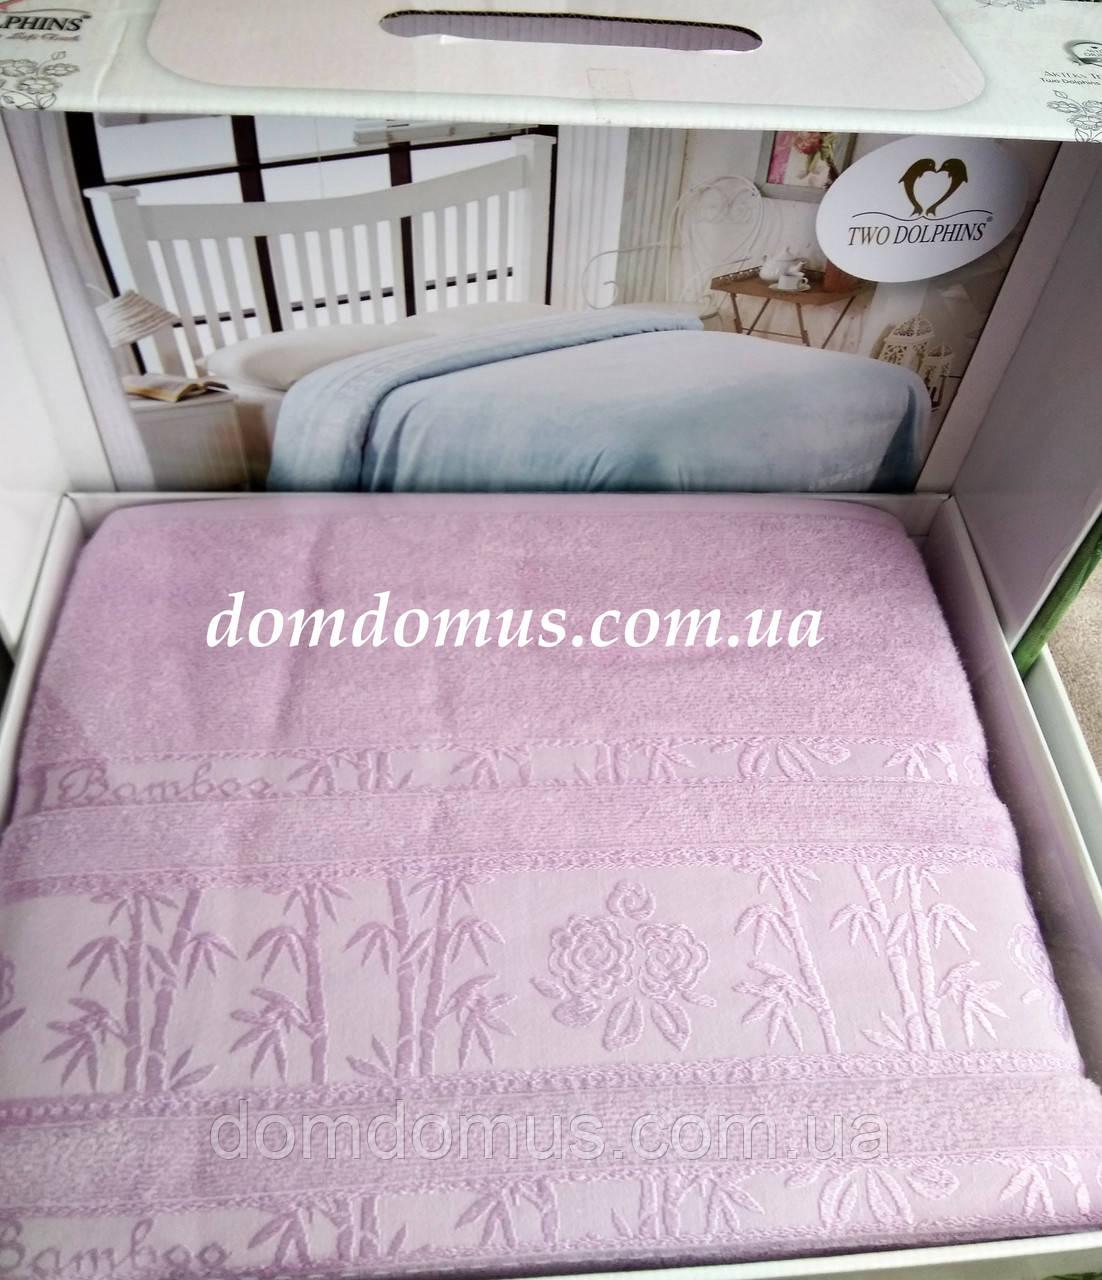 Махровая простыньTW DOLPHINS 200*220 см (бамбук) Турция 0221